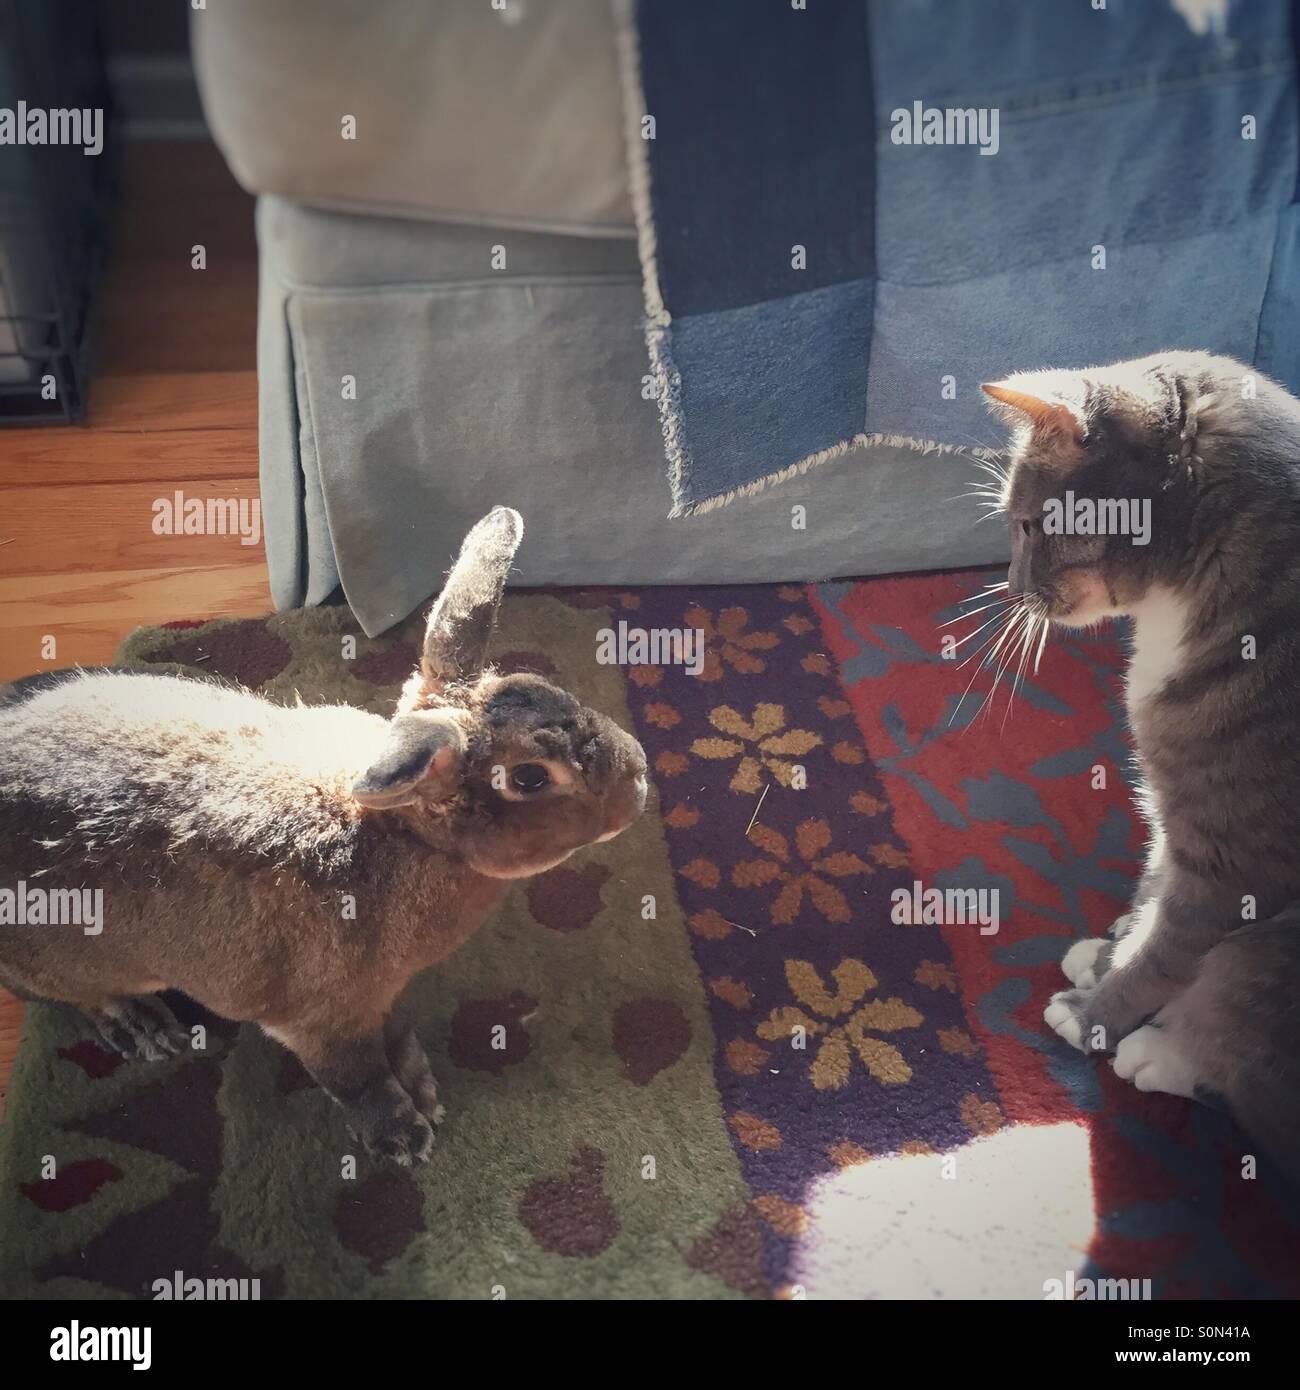 Bunny approcci cautamente cat. Immagini Stock